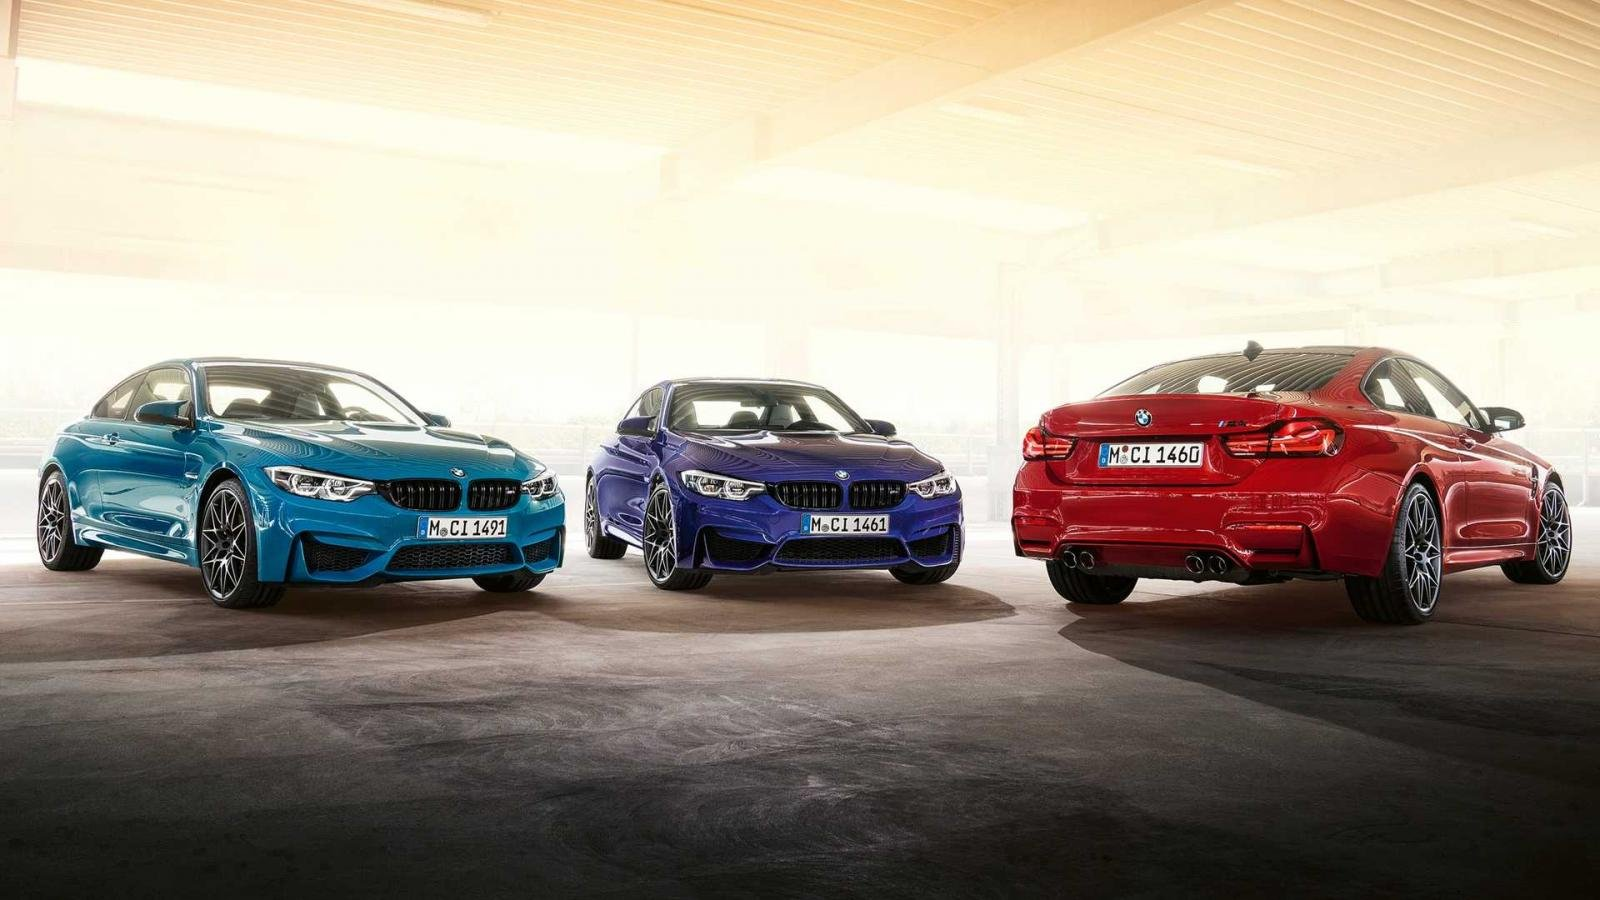 BMW M4 Edition M Heritage sẽ ra mắt tại giải đua DTM trên đường đua Nürburgring vào 13.09 tới.